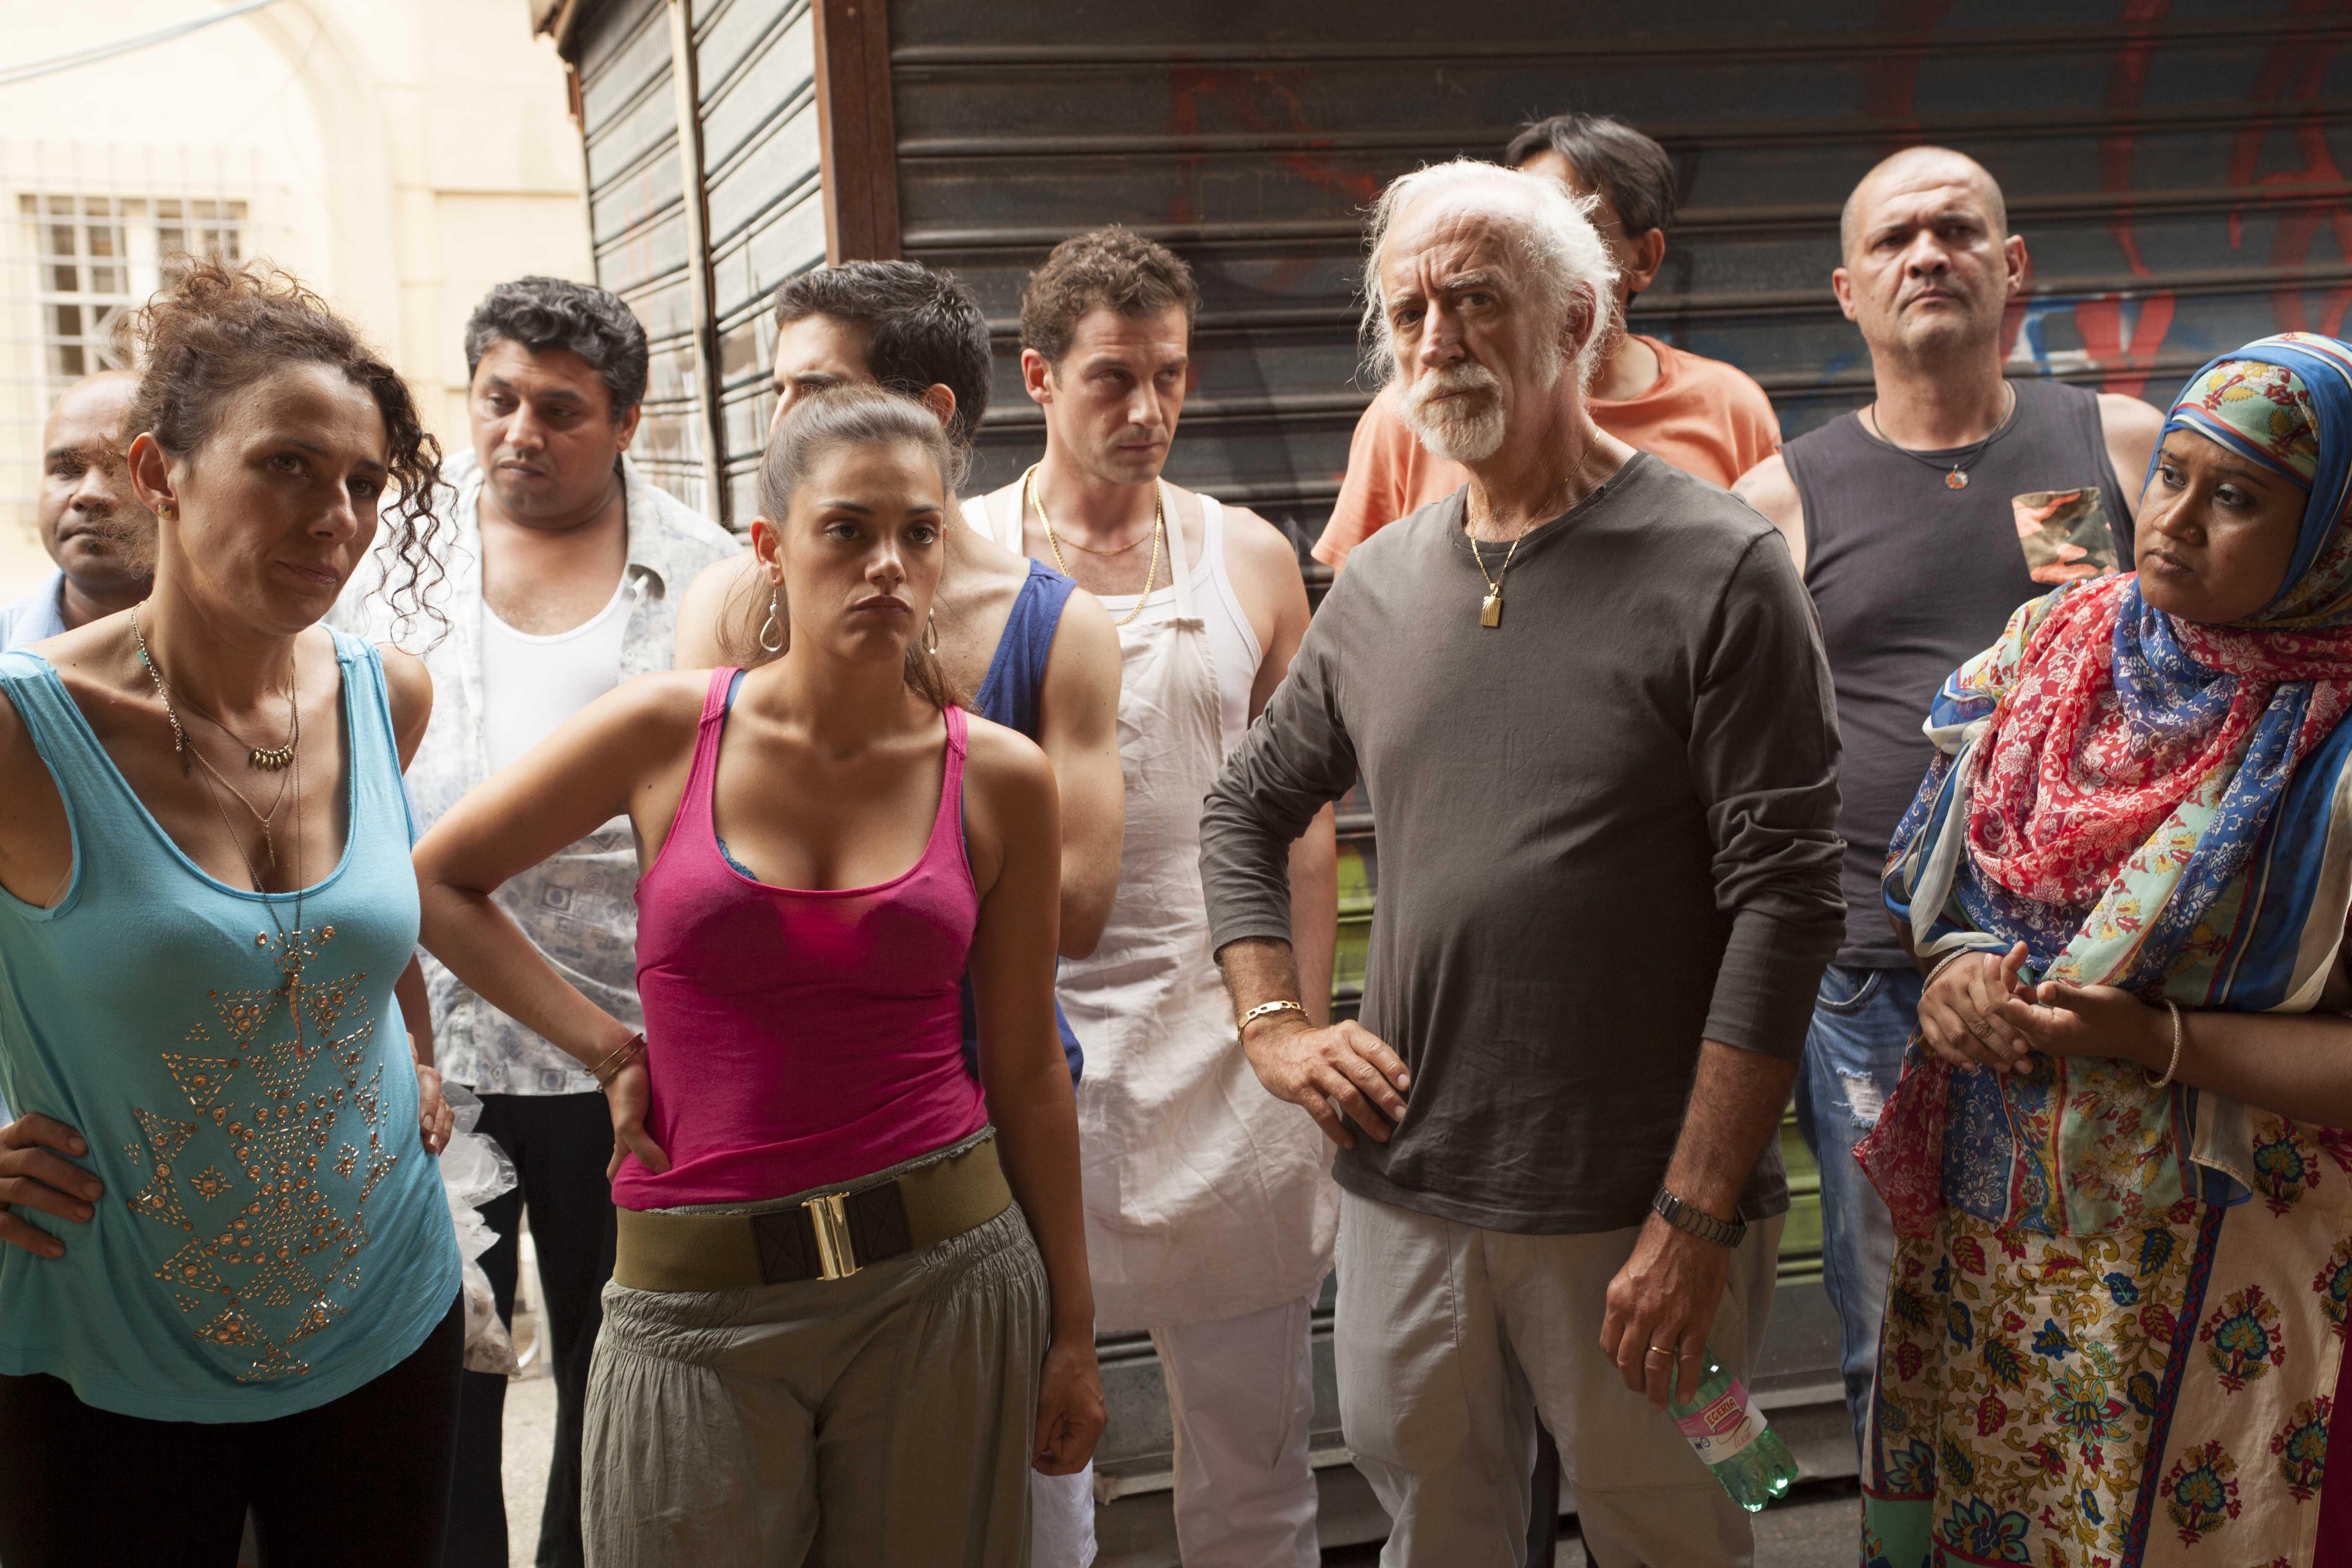 Emanuel Bevilacqua, Nicola Pistoia, Maurizio Tesei, and Margherita Vicario in Arance & martello (2014)